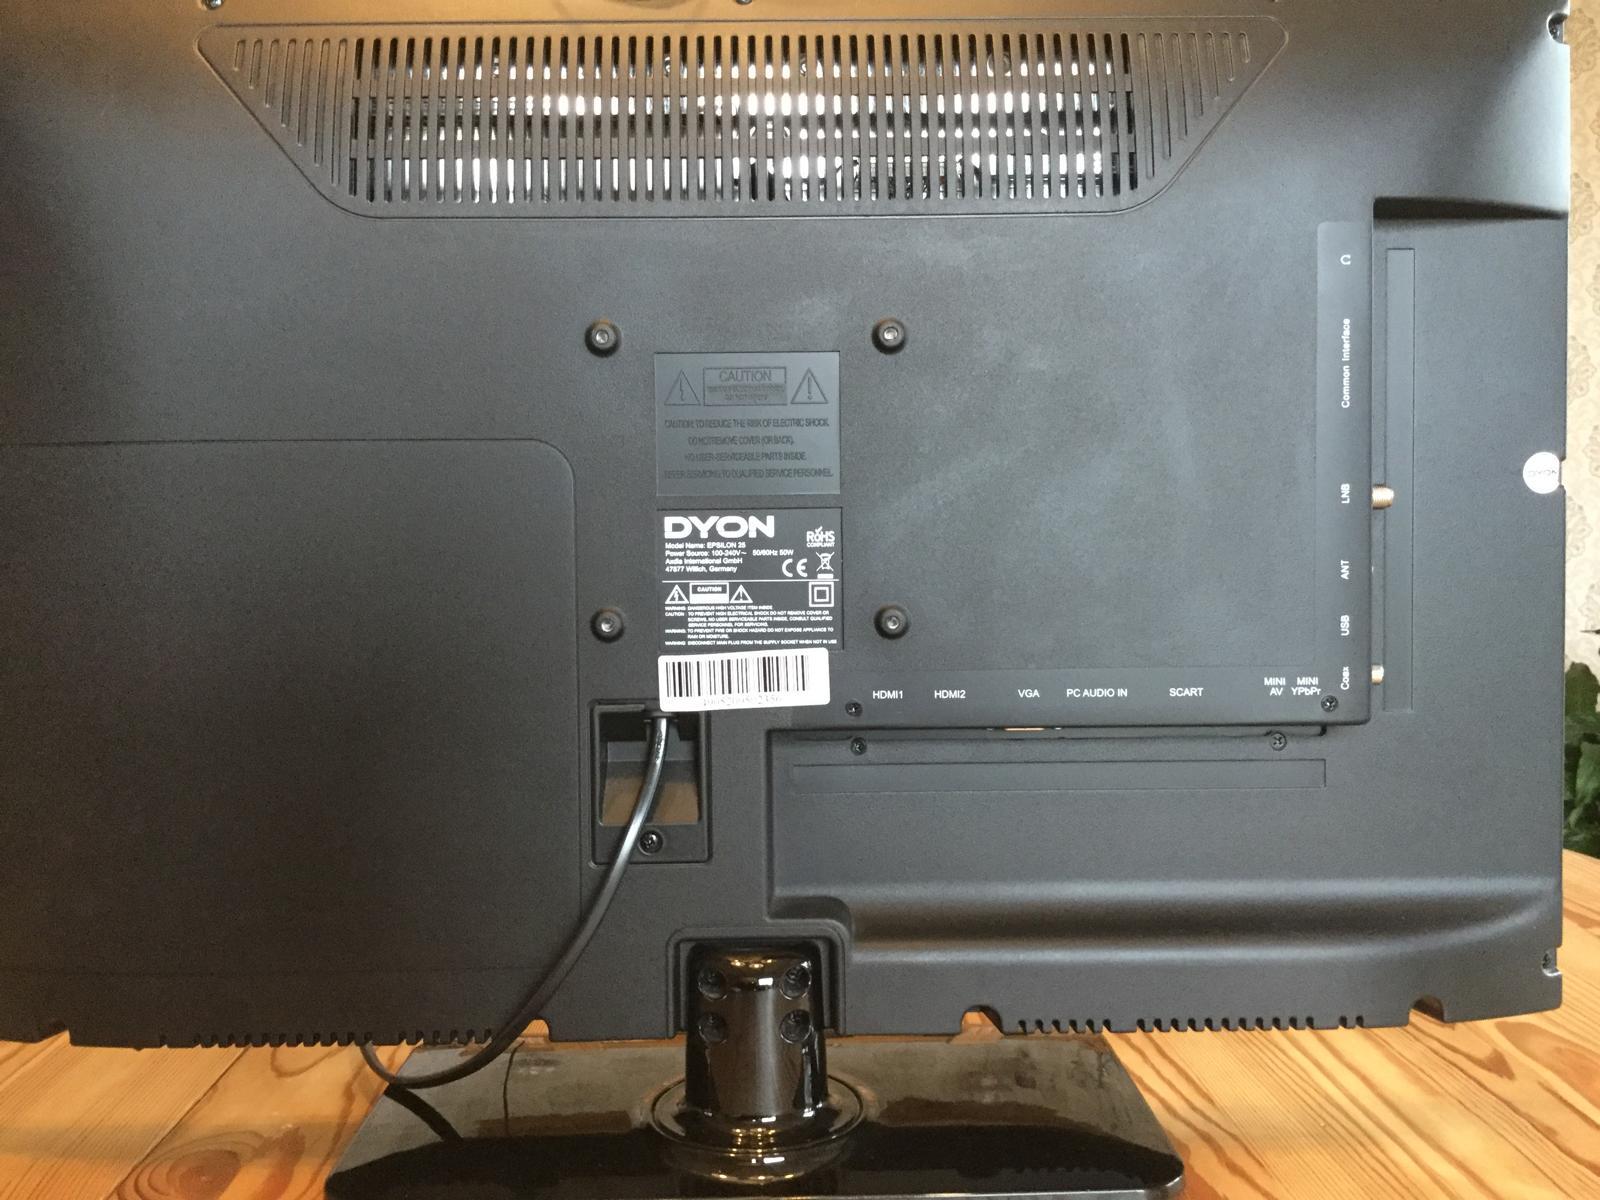 Alles was man braucht: HDMI, VGA, SCART, MINI AV, LNB und und und. (Bild: Ferdinand Müller)